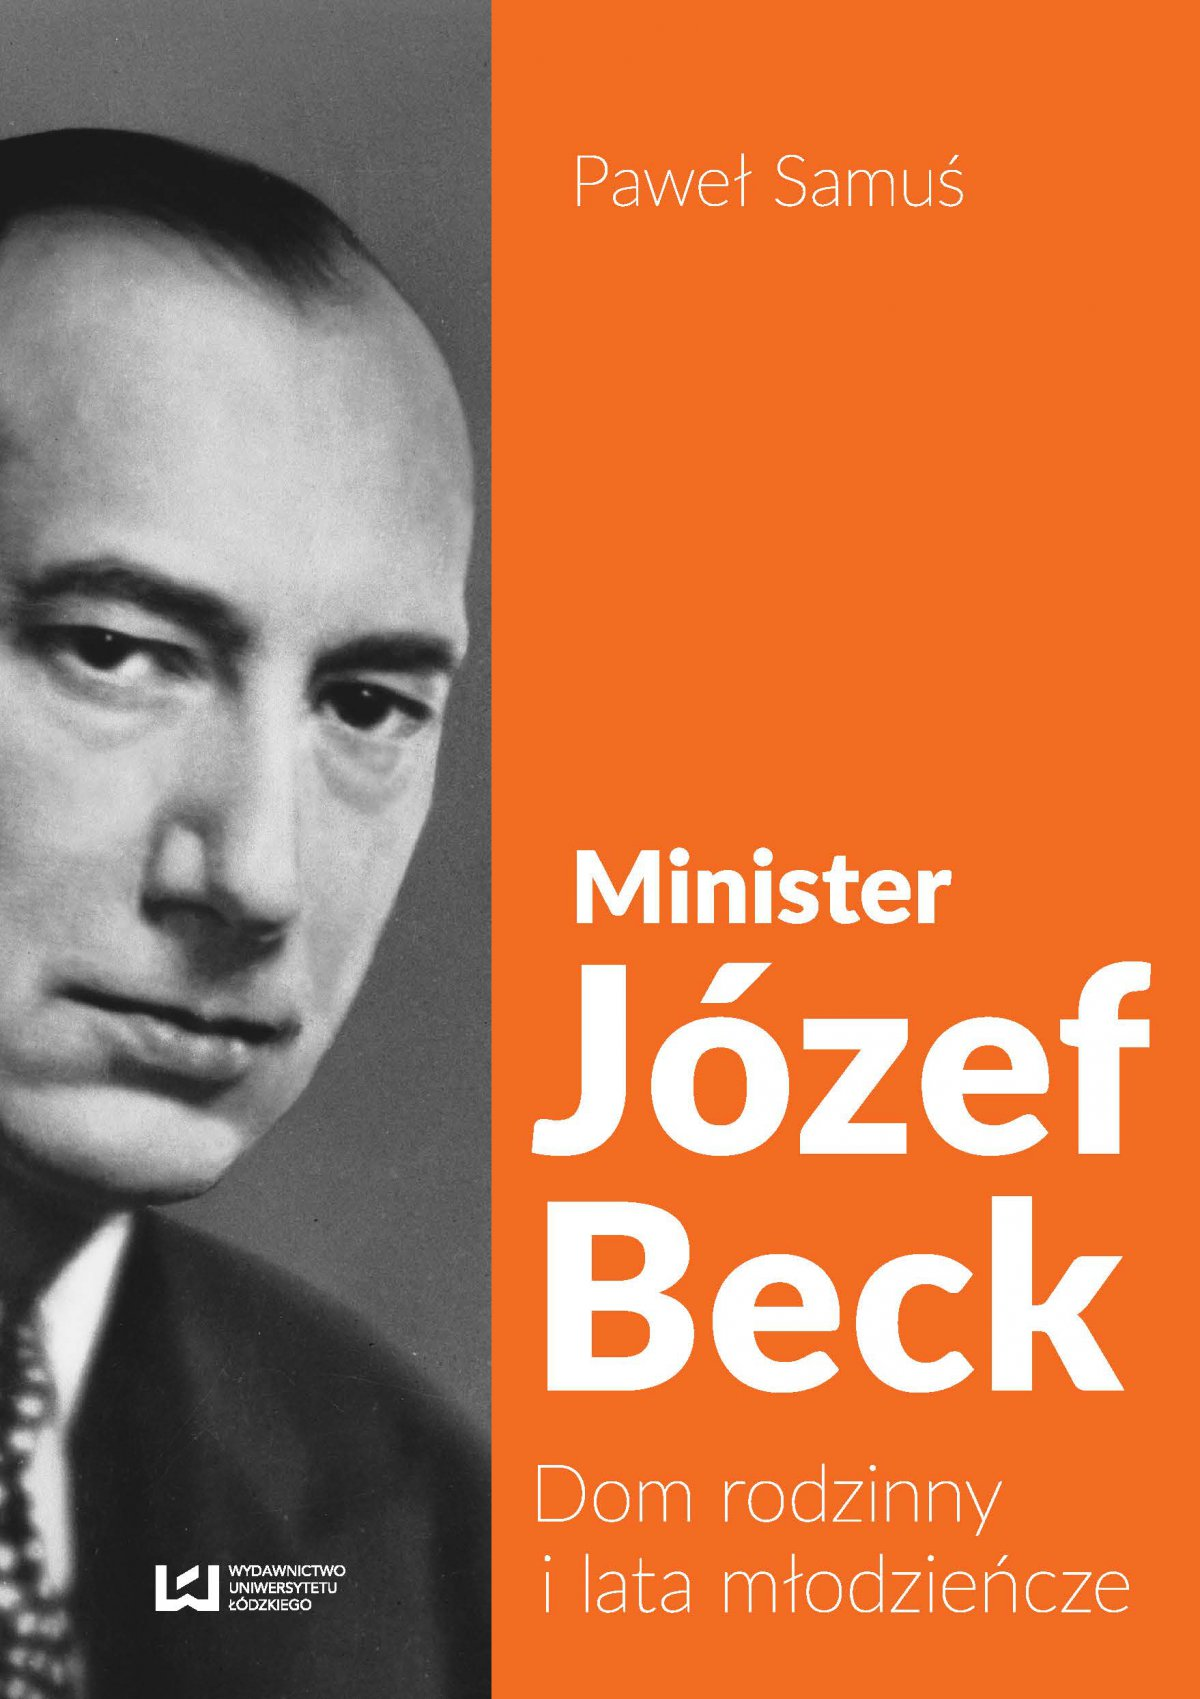 Minister Józef Beck. Dom rodzinny i lata młodzieńcze - Ebook (Książka EPUB) do pobrania w formacie EPUB